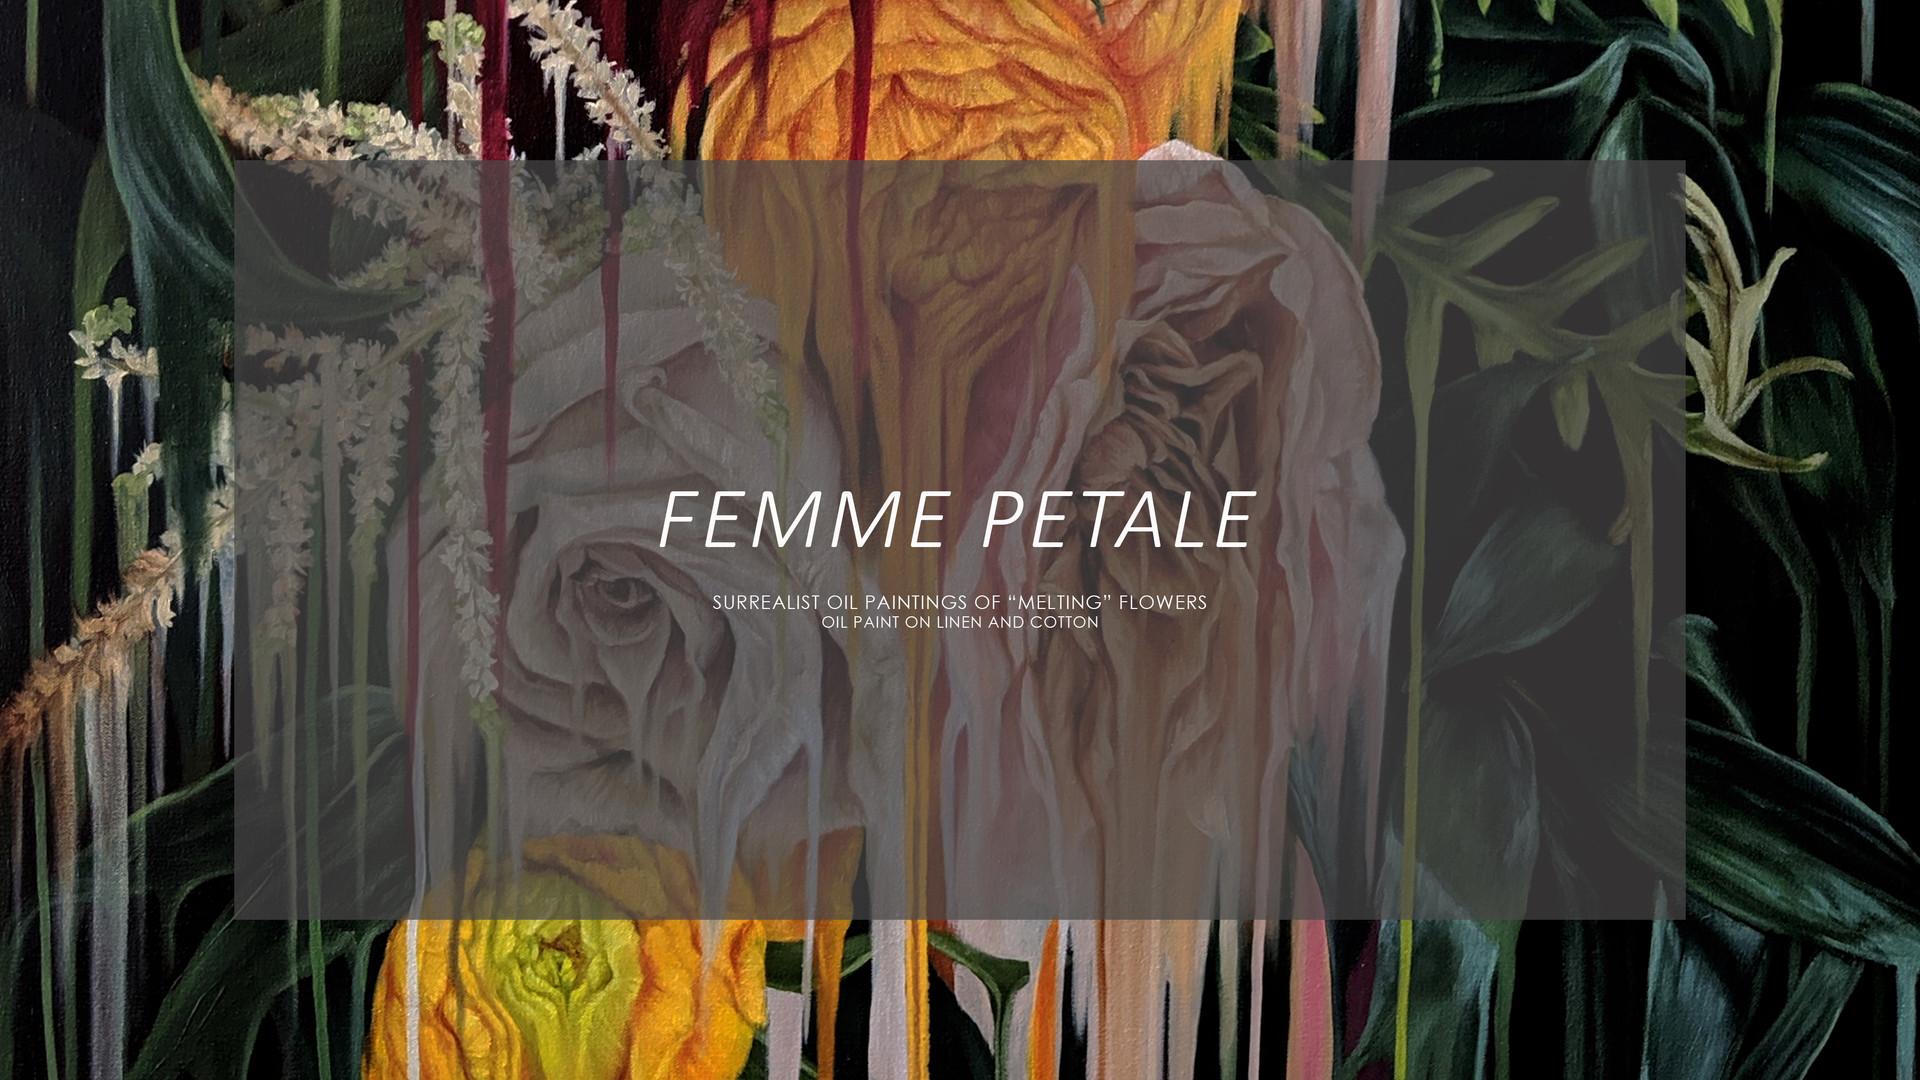 FEMME PETALE PAGE.jpg